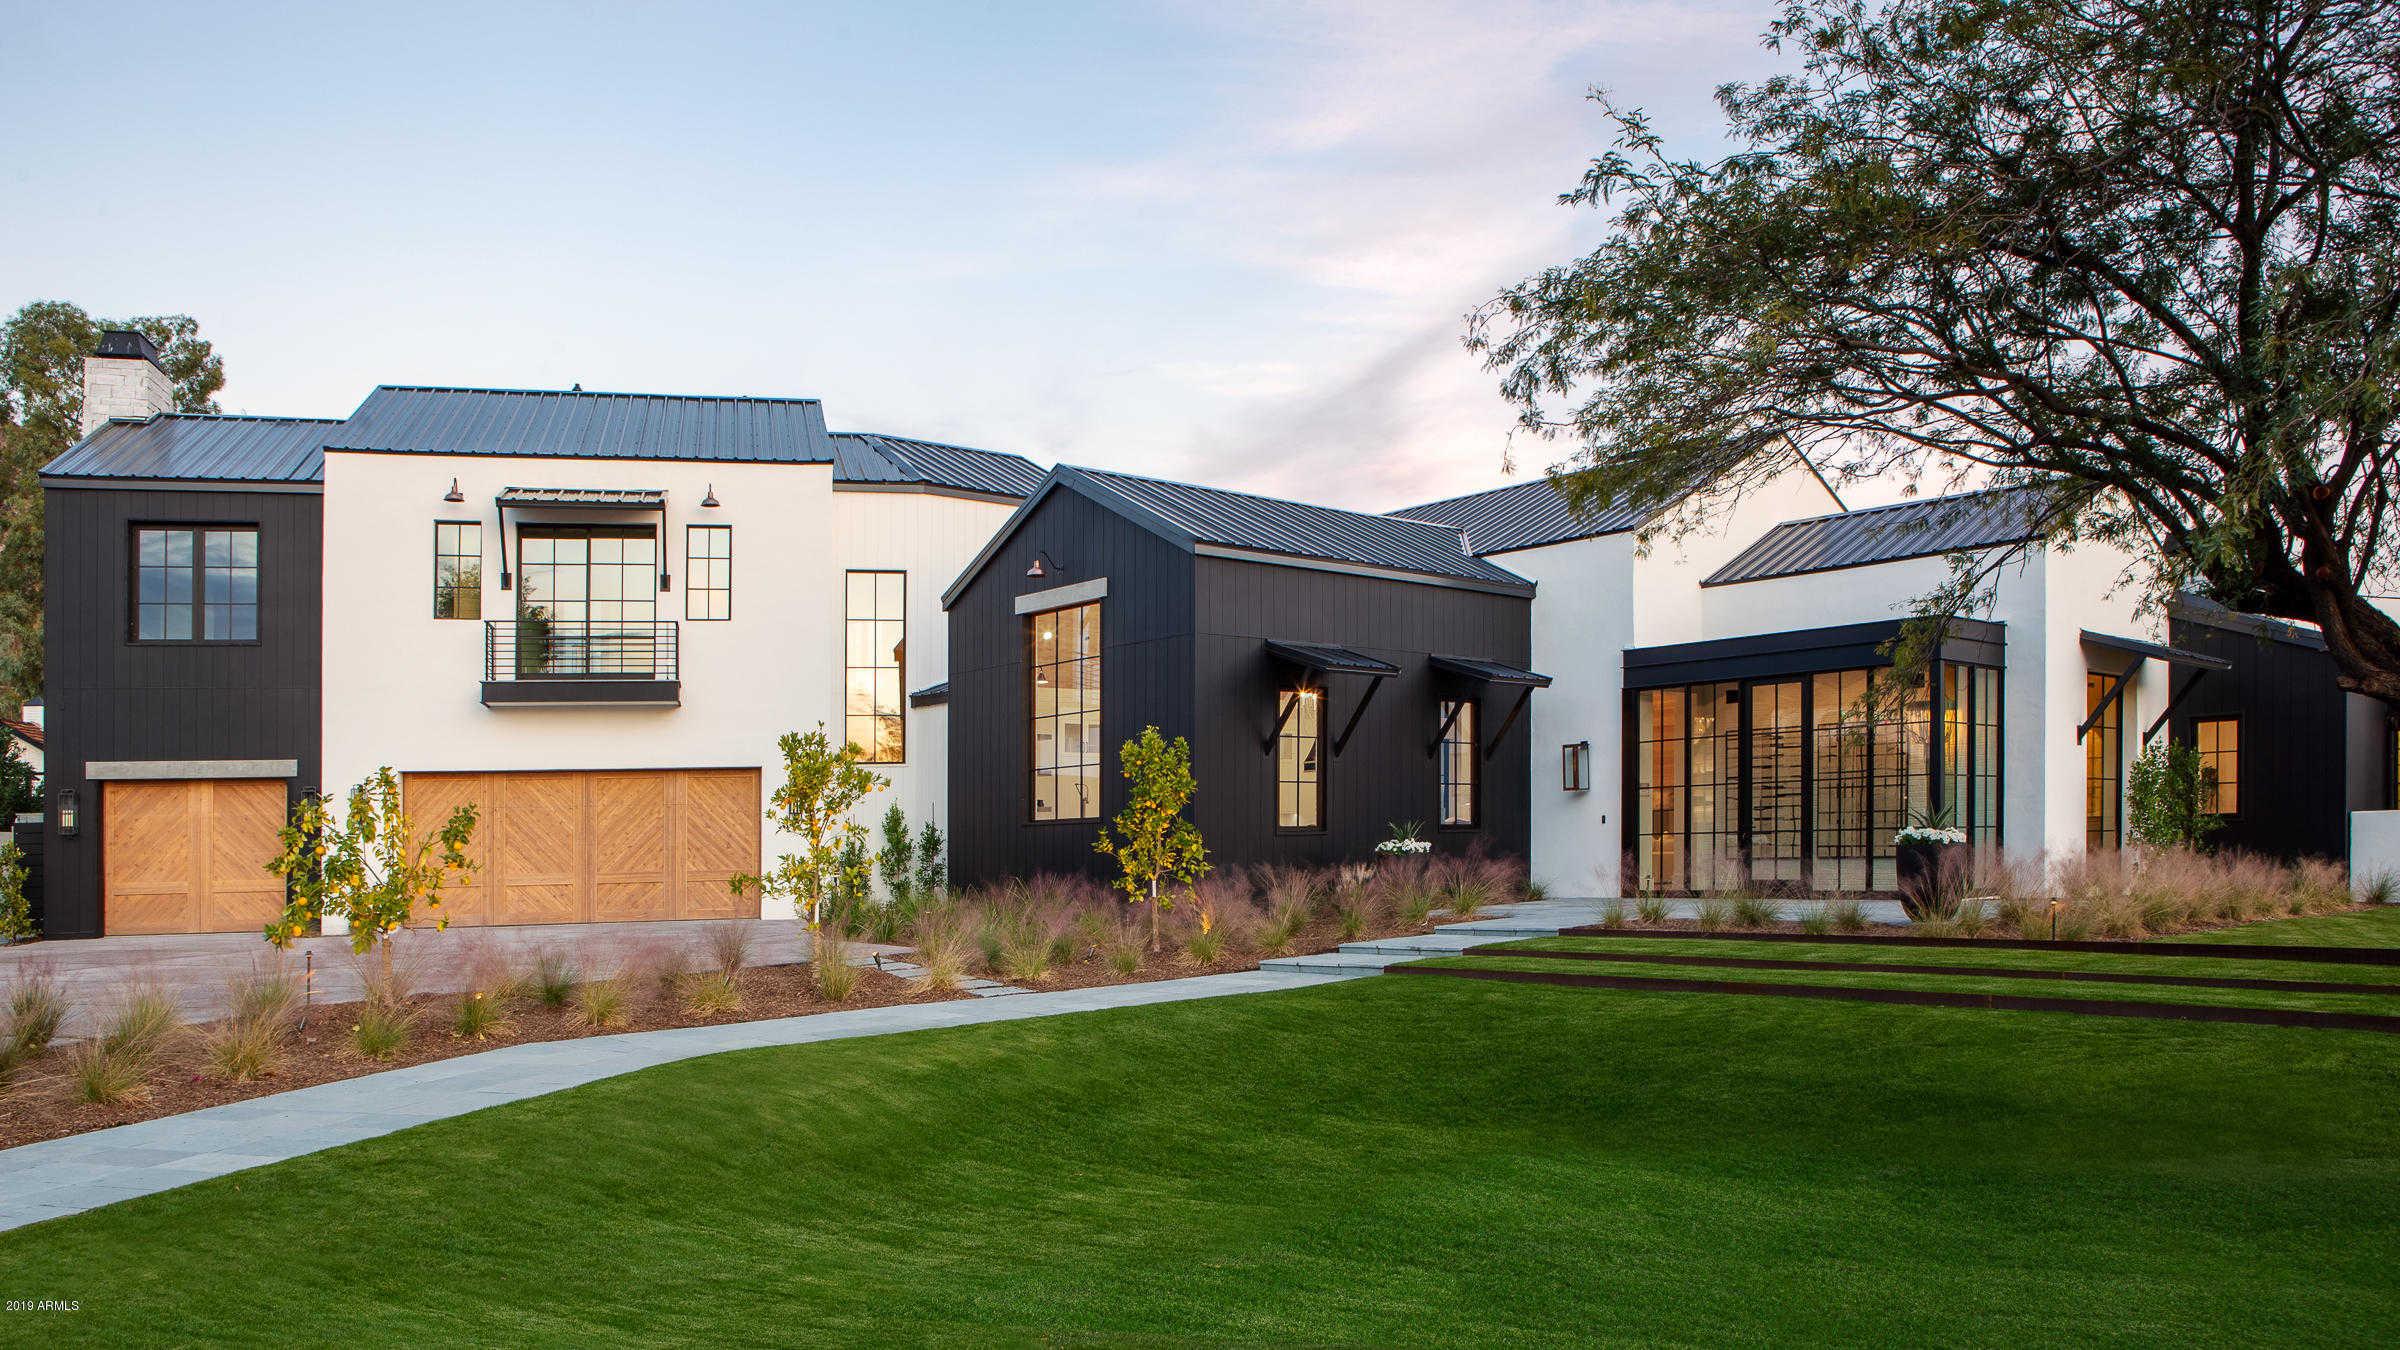 $4,750,000 - 4Br/6Ba - Home for Sale in Tierra De Paz, Phoenix